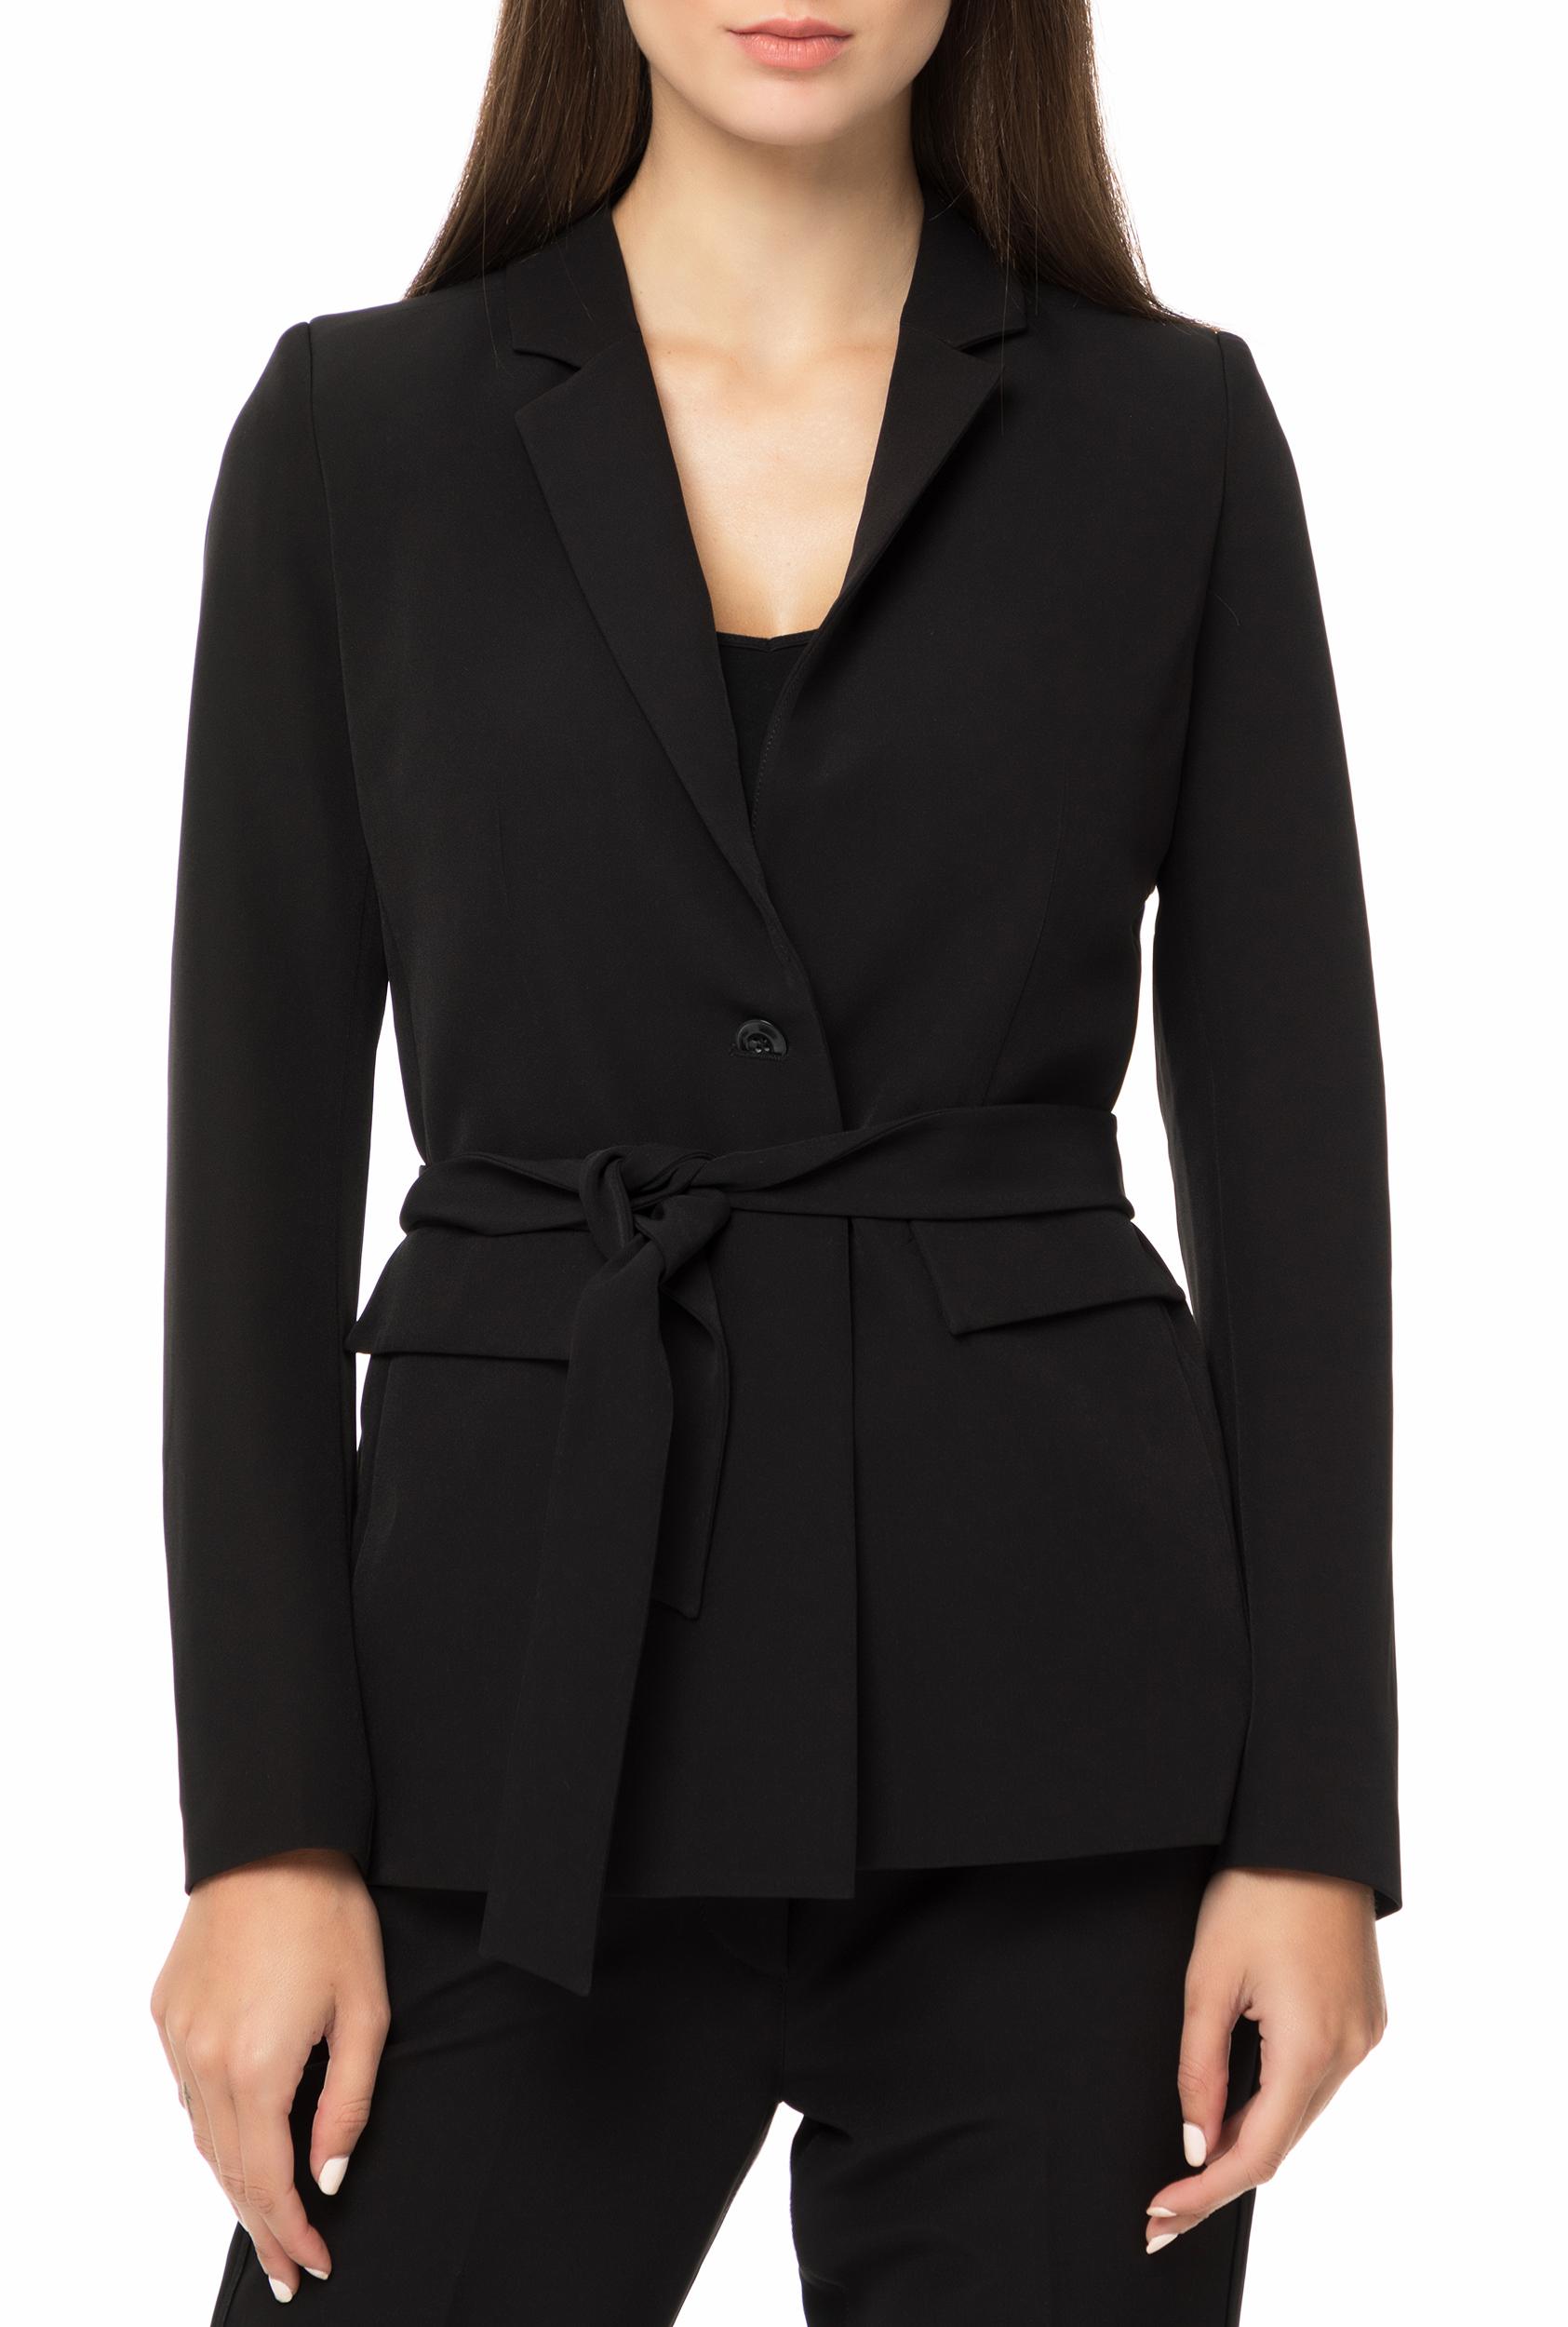 G-STAR RAW - Γυναικείο σακάκι VODAN BLAZER μαύρο γυναικεία ρούχα πανωφόρια σακάκια